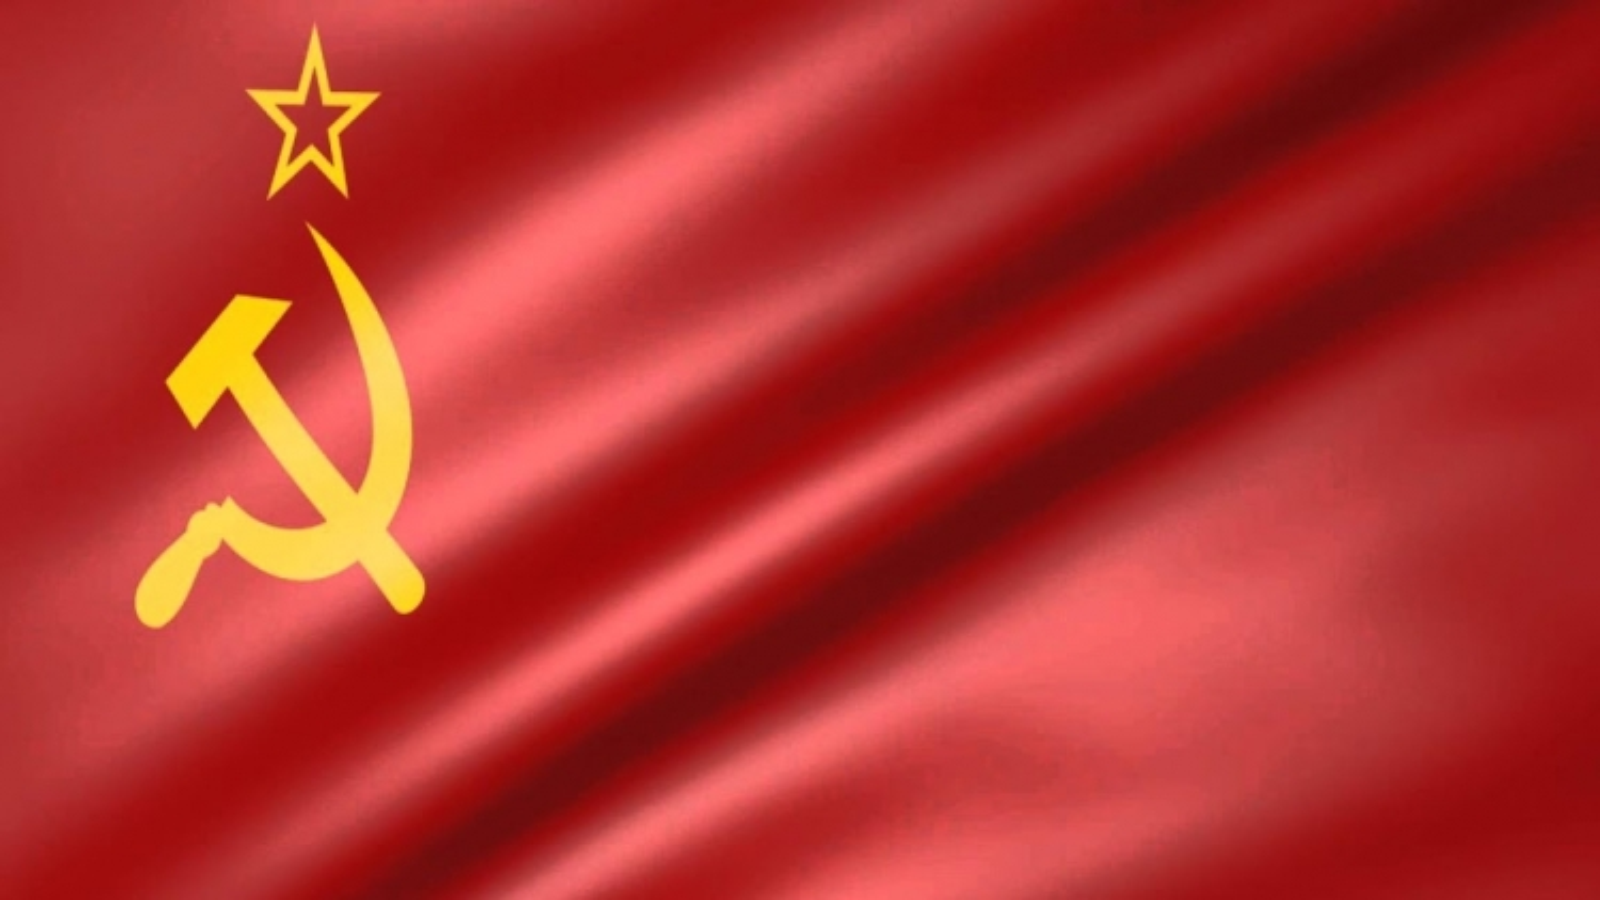 Nguồn gốc và ý nghĩa của lá cờ Liên Xô có nền đỏ, hình búa liềm và ngôi sao 5 cánh